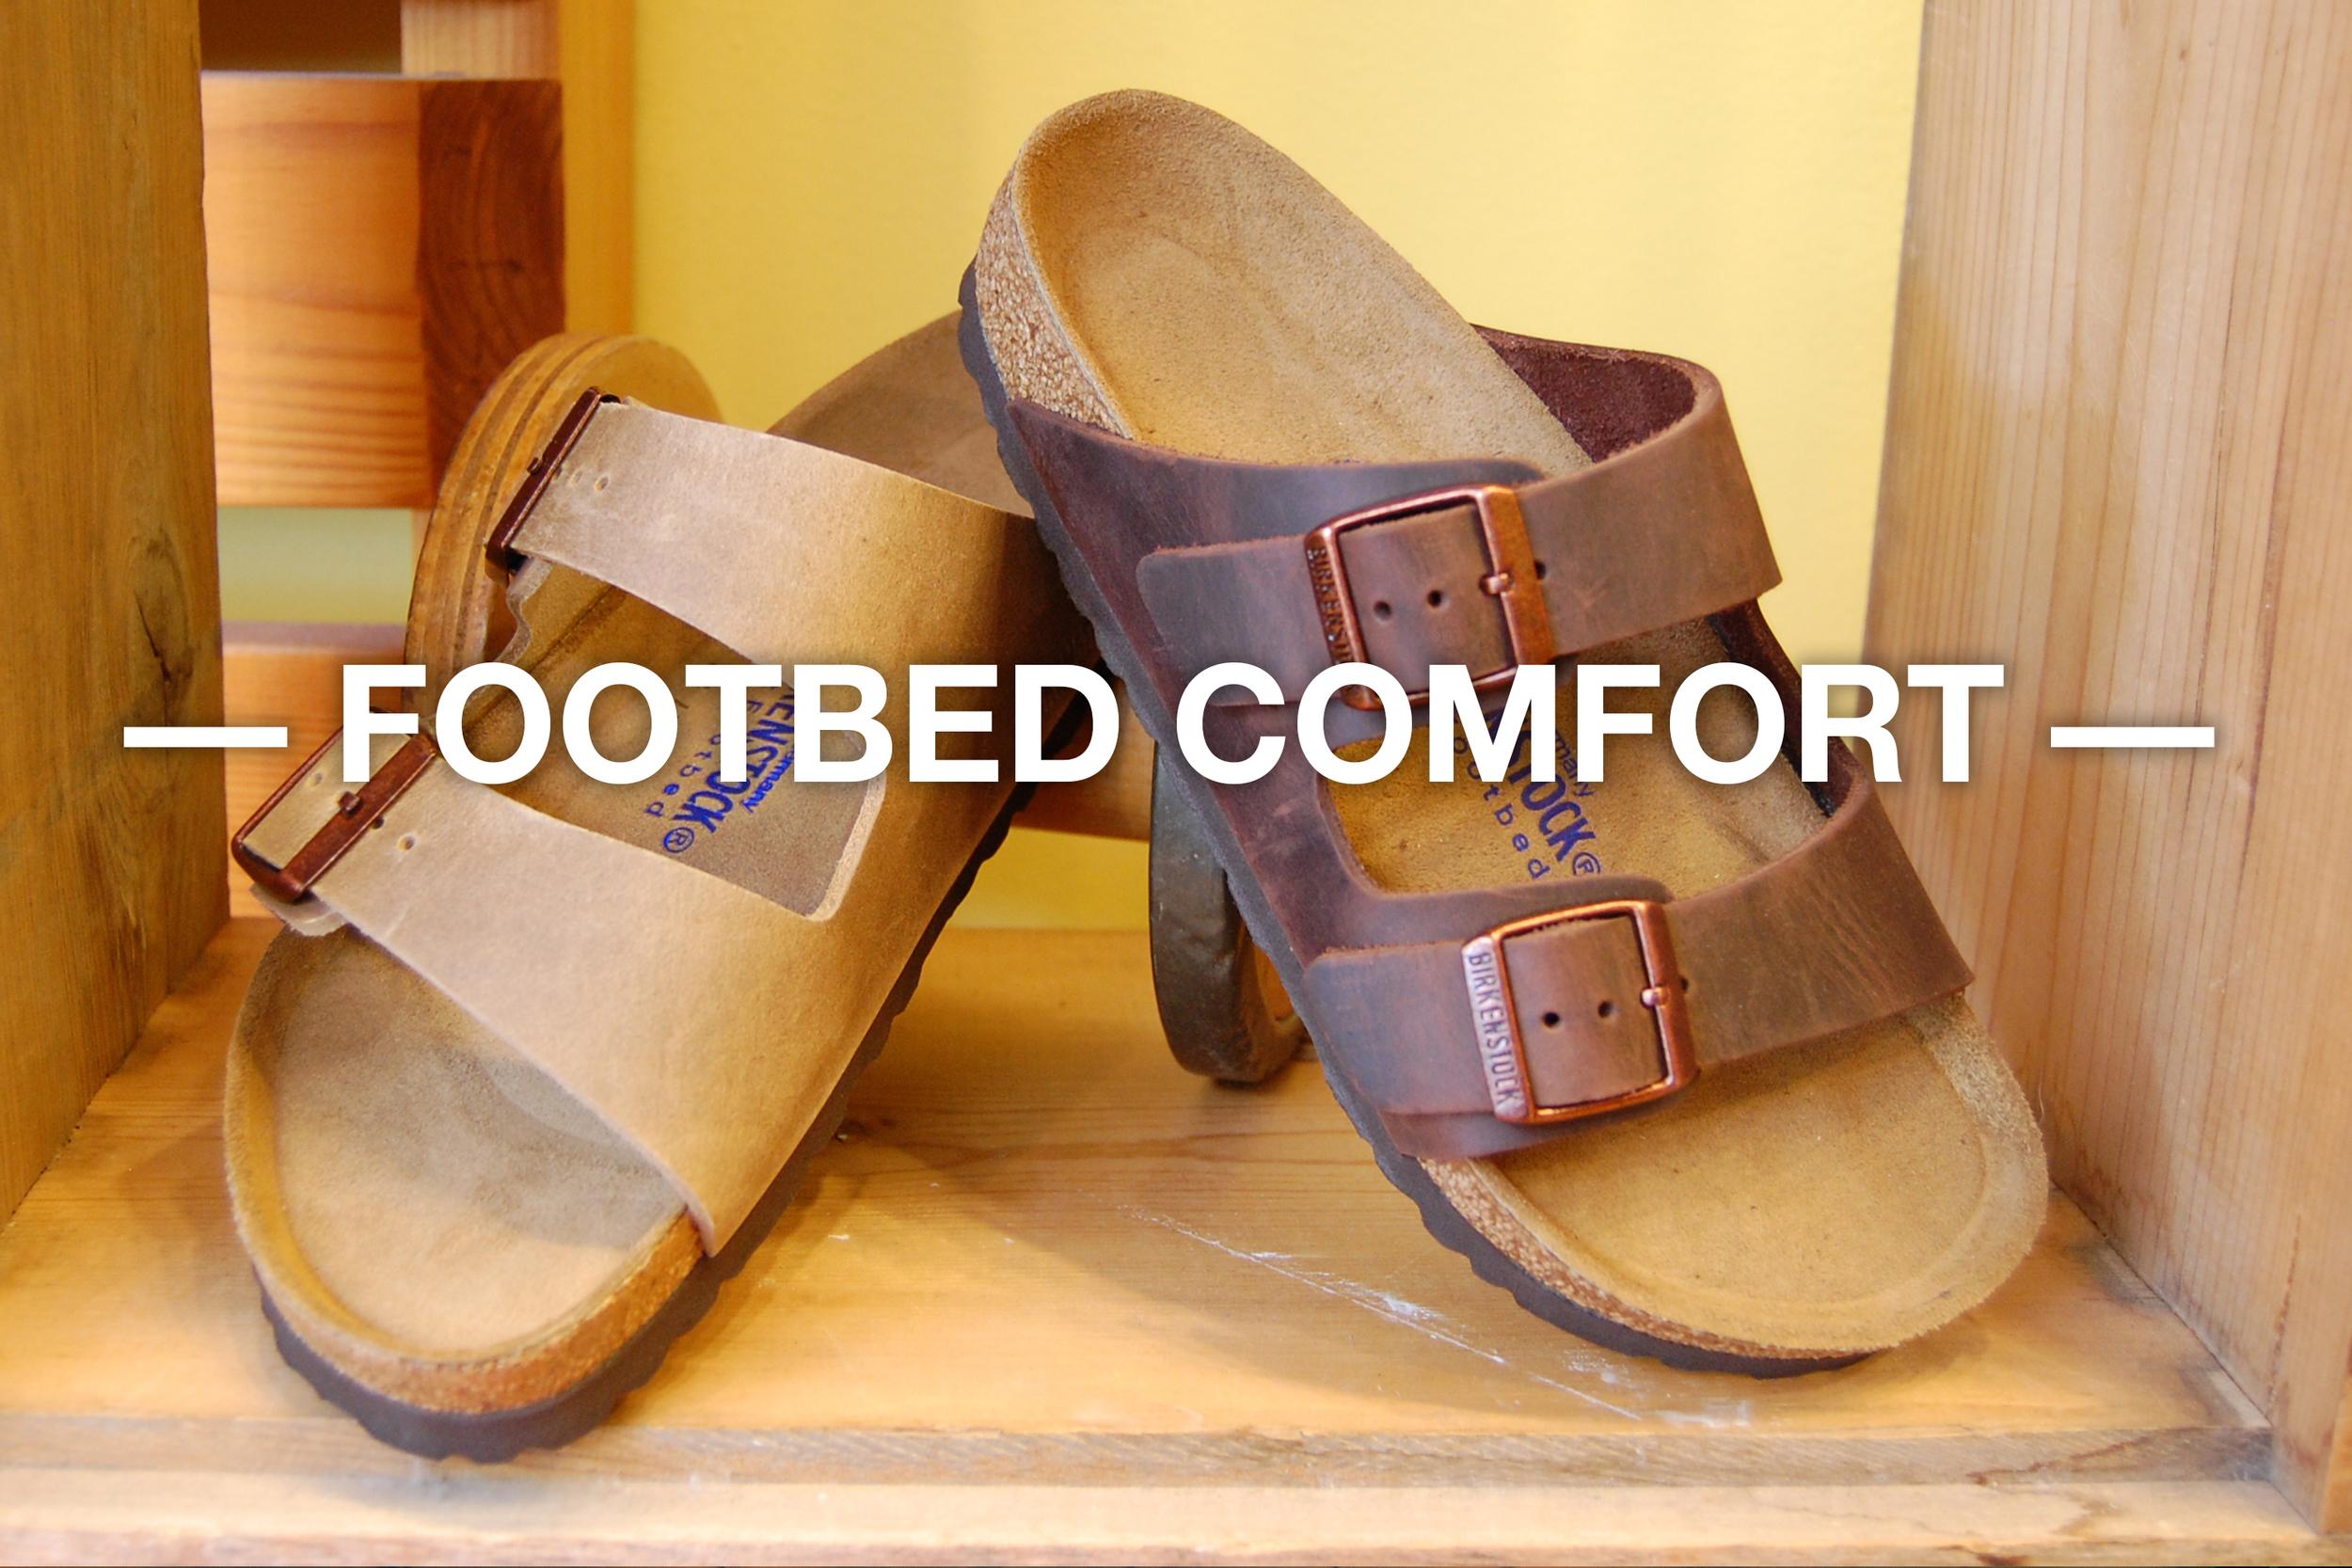 footbedcomfort.jpg